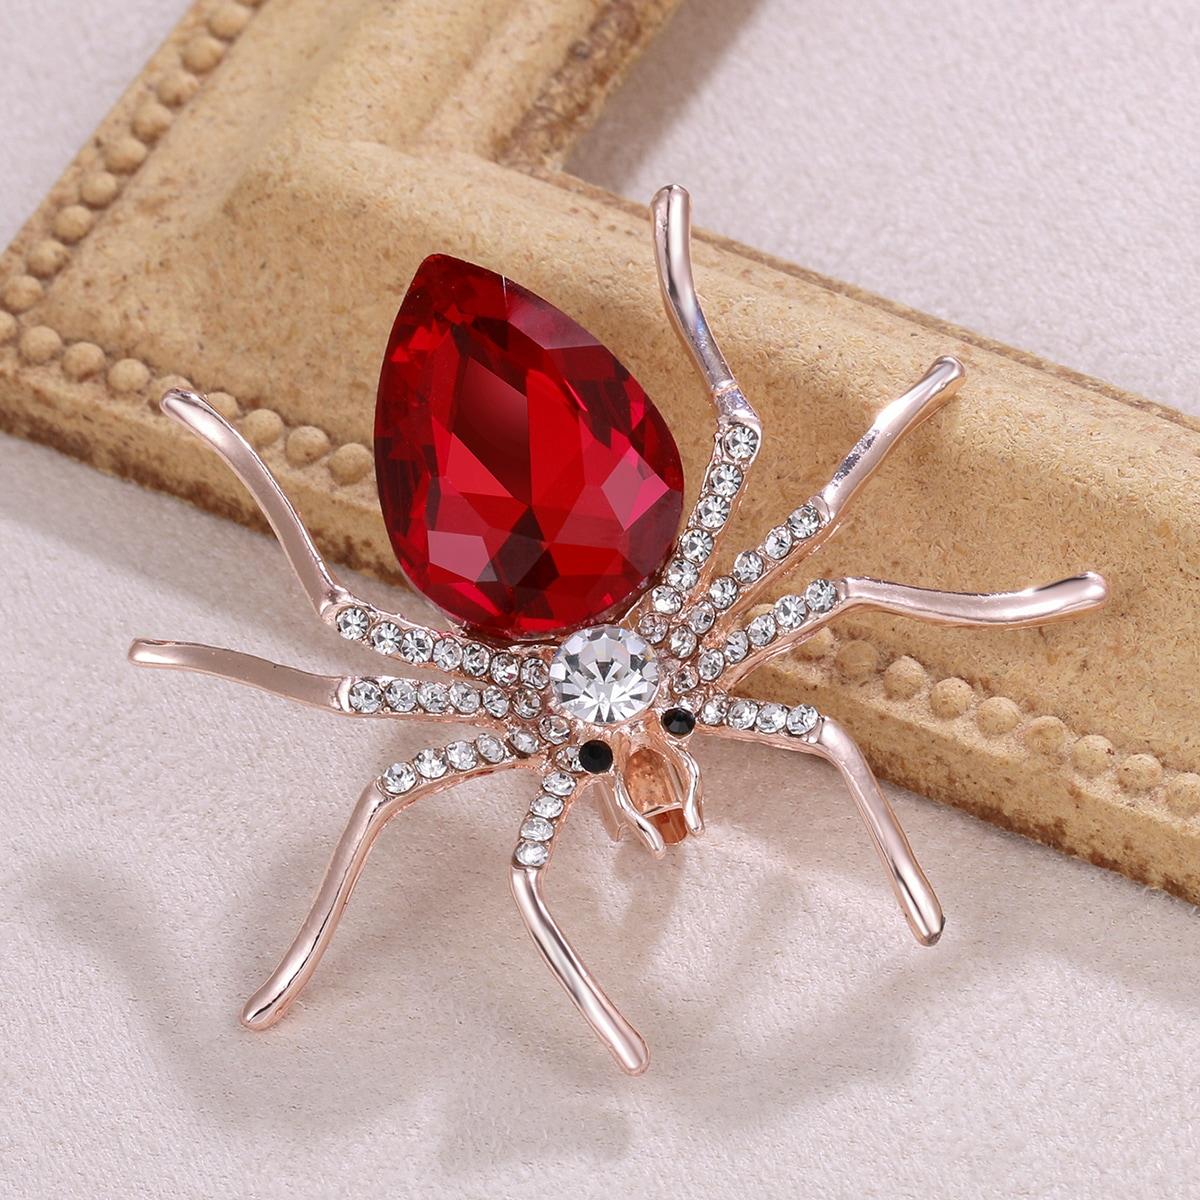 Brosche mit Spinne Design